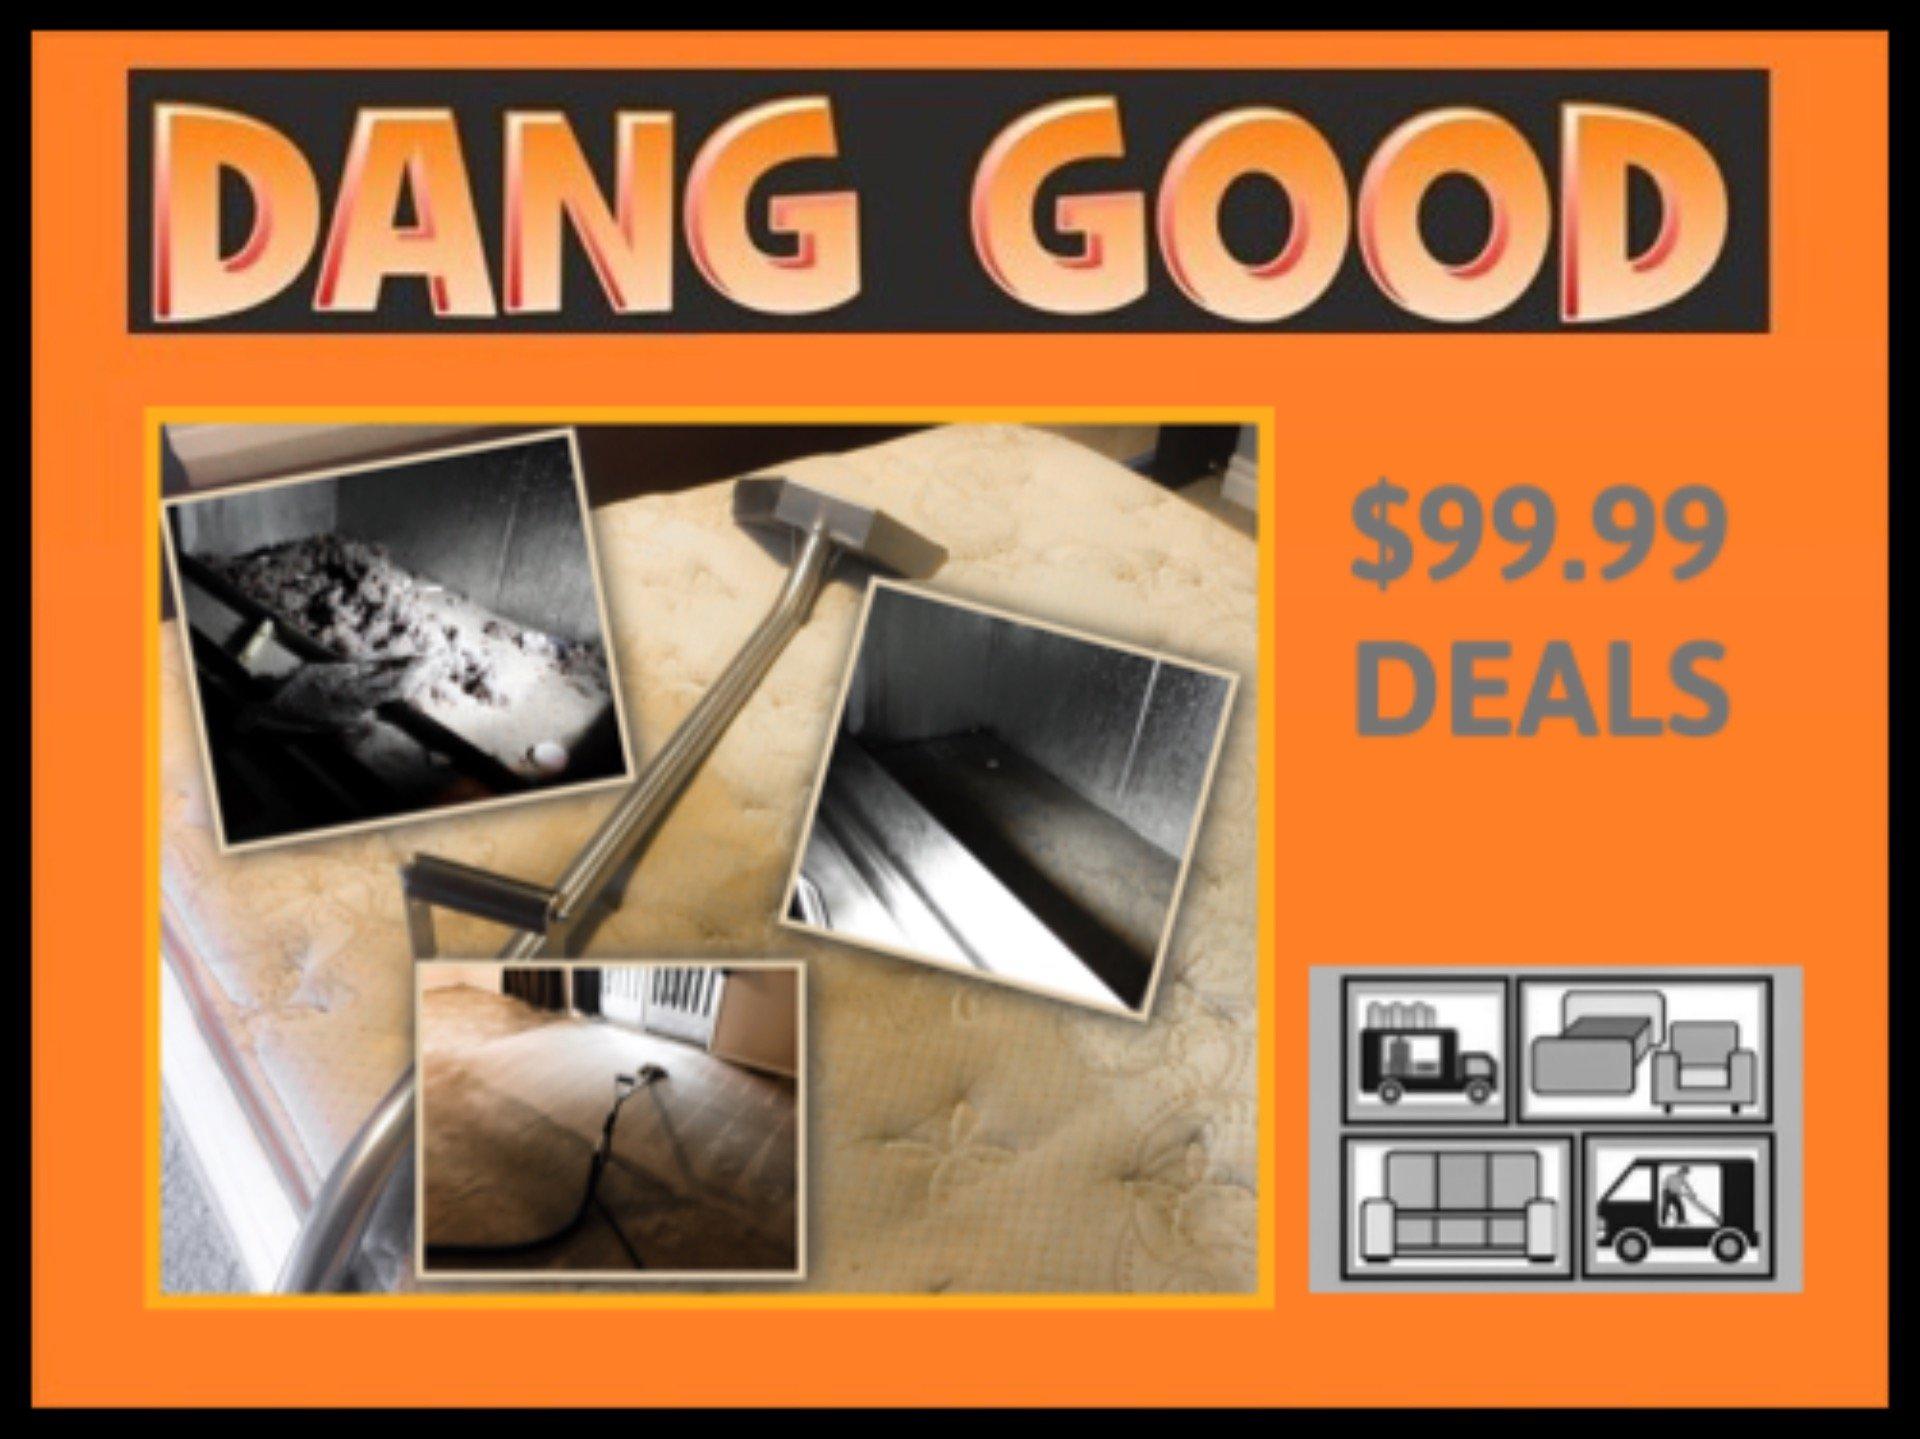 Dang Good Deals